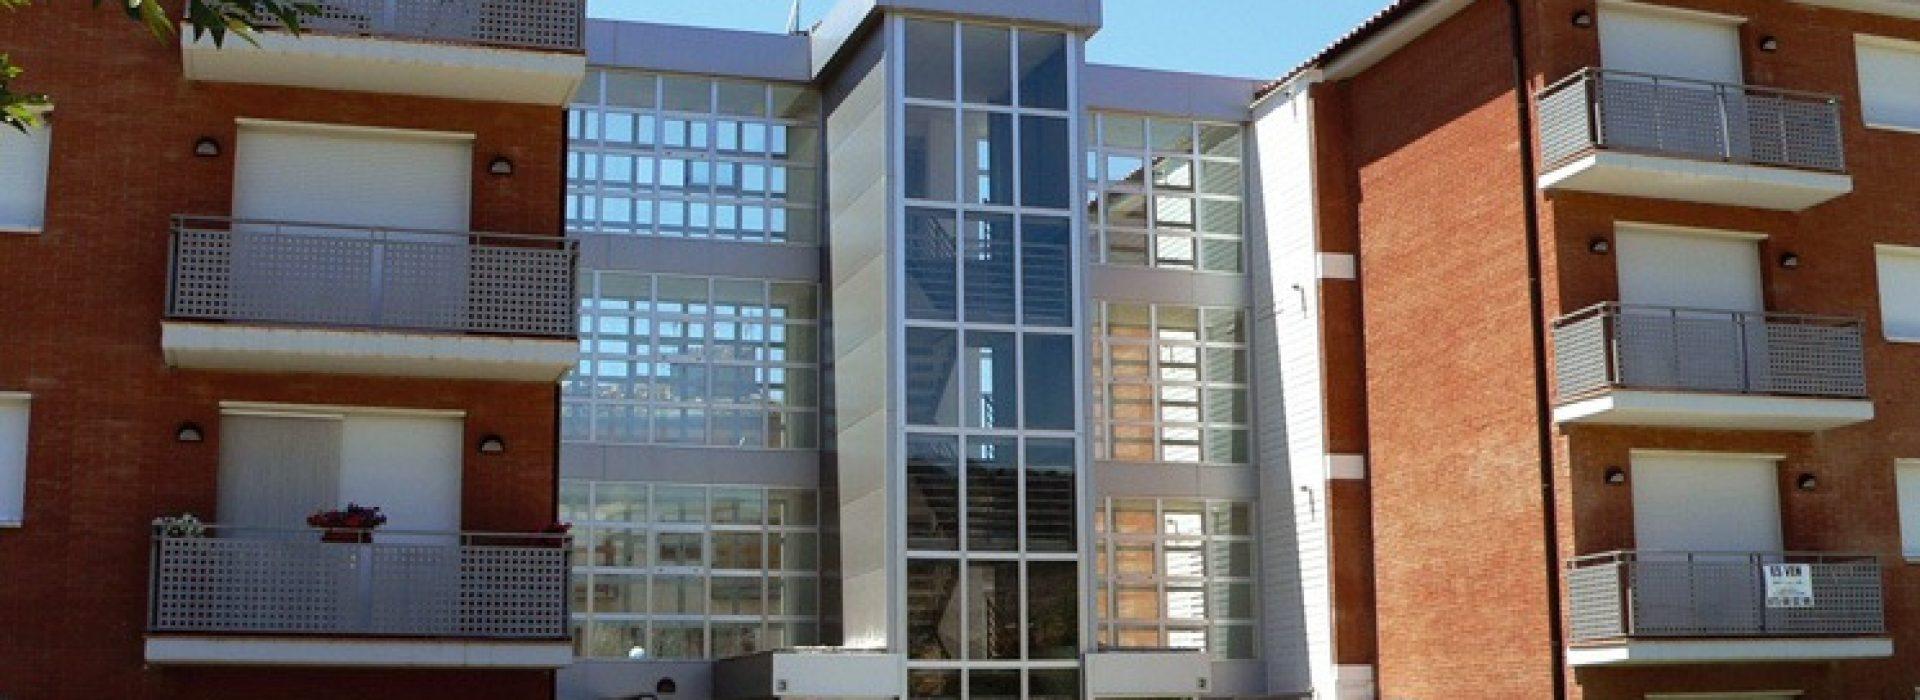 residencial-pallars01